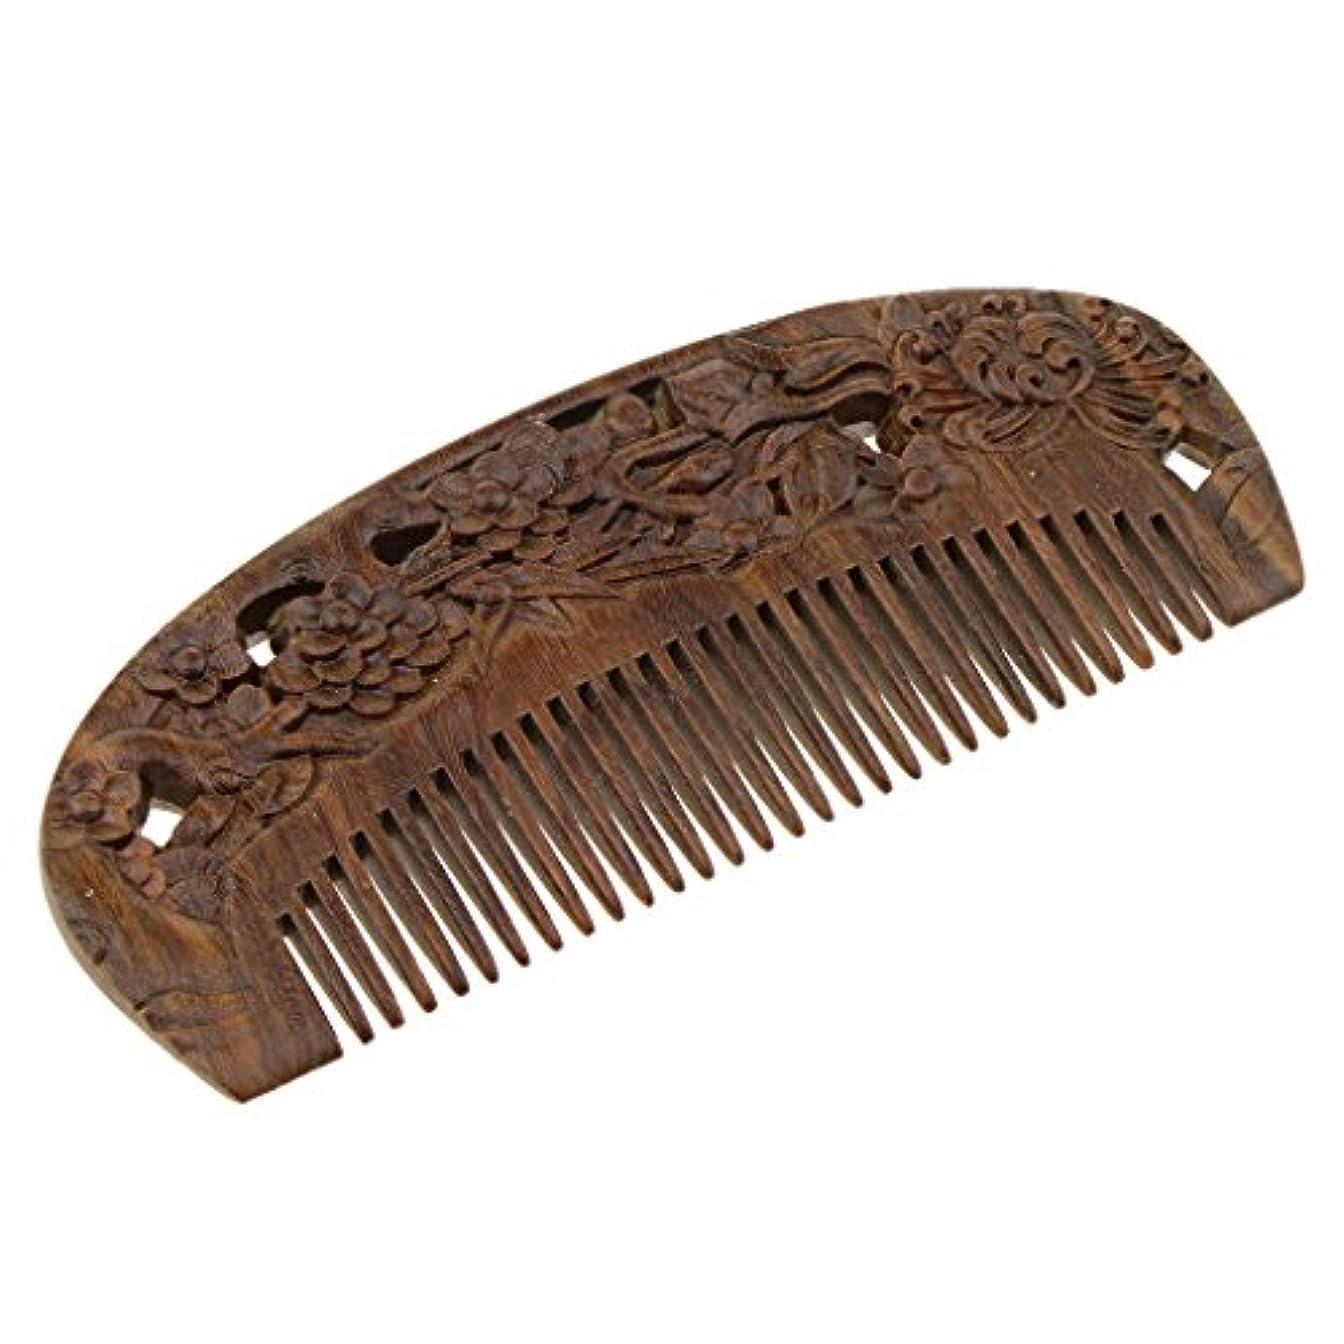 パトロンかかわらずカウンターパートヘアコーム 木製櫛 頭皮マッサージ 櫛 ヘアスタイリング 高品質 2タイプ選べる - #2